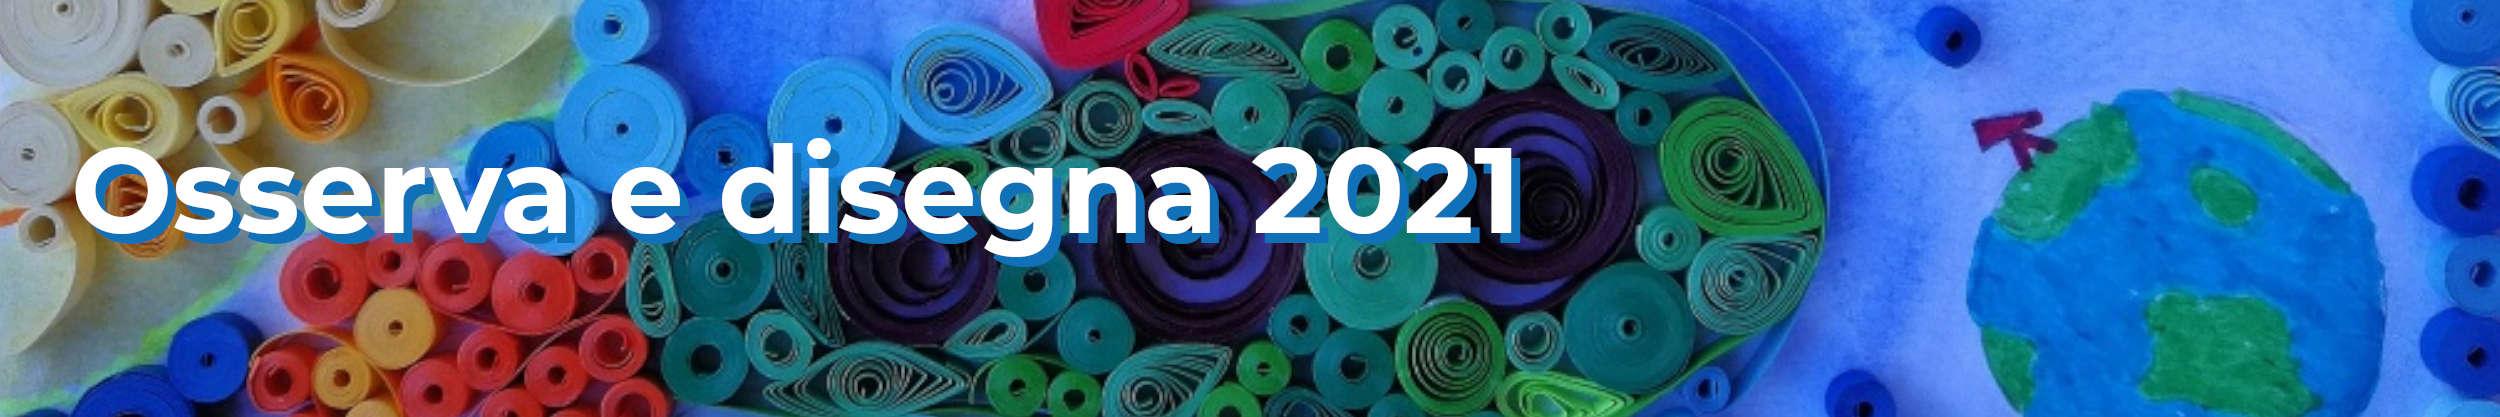 osserva_disegna-ed2021-banner